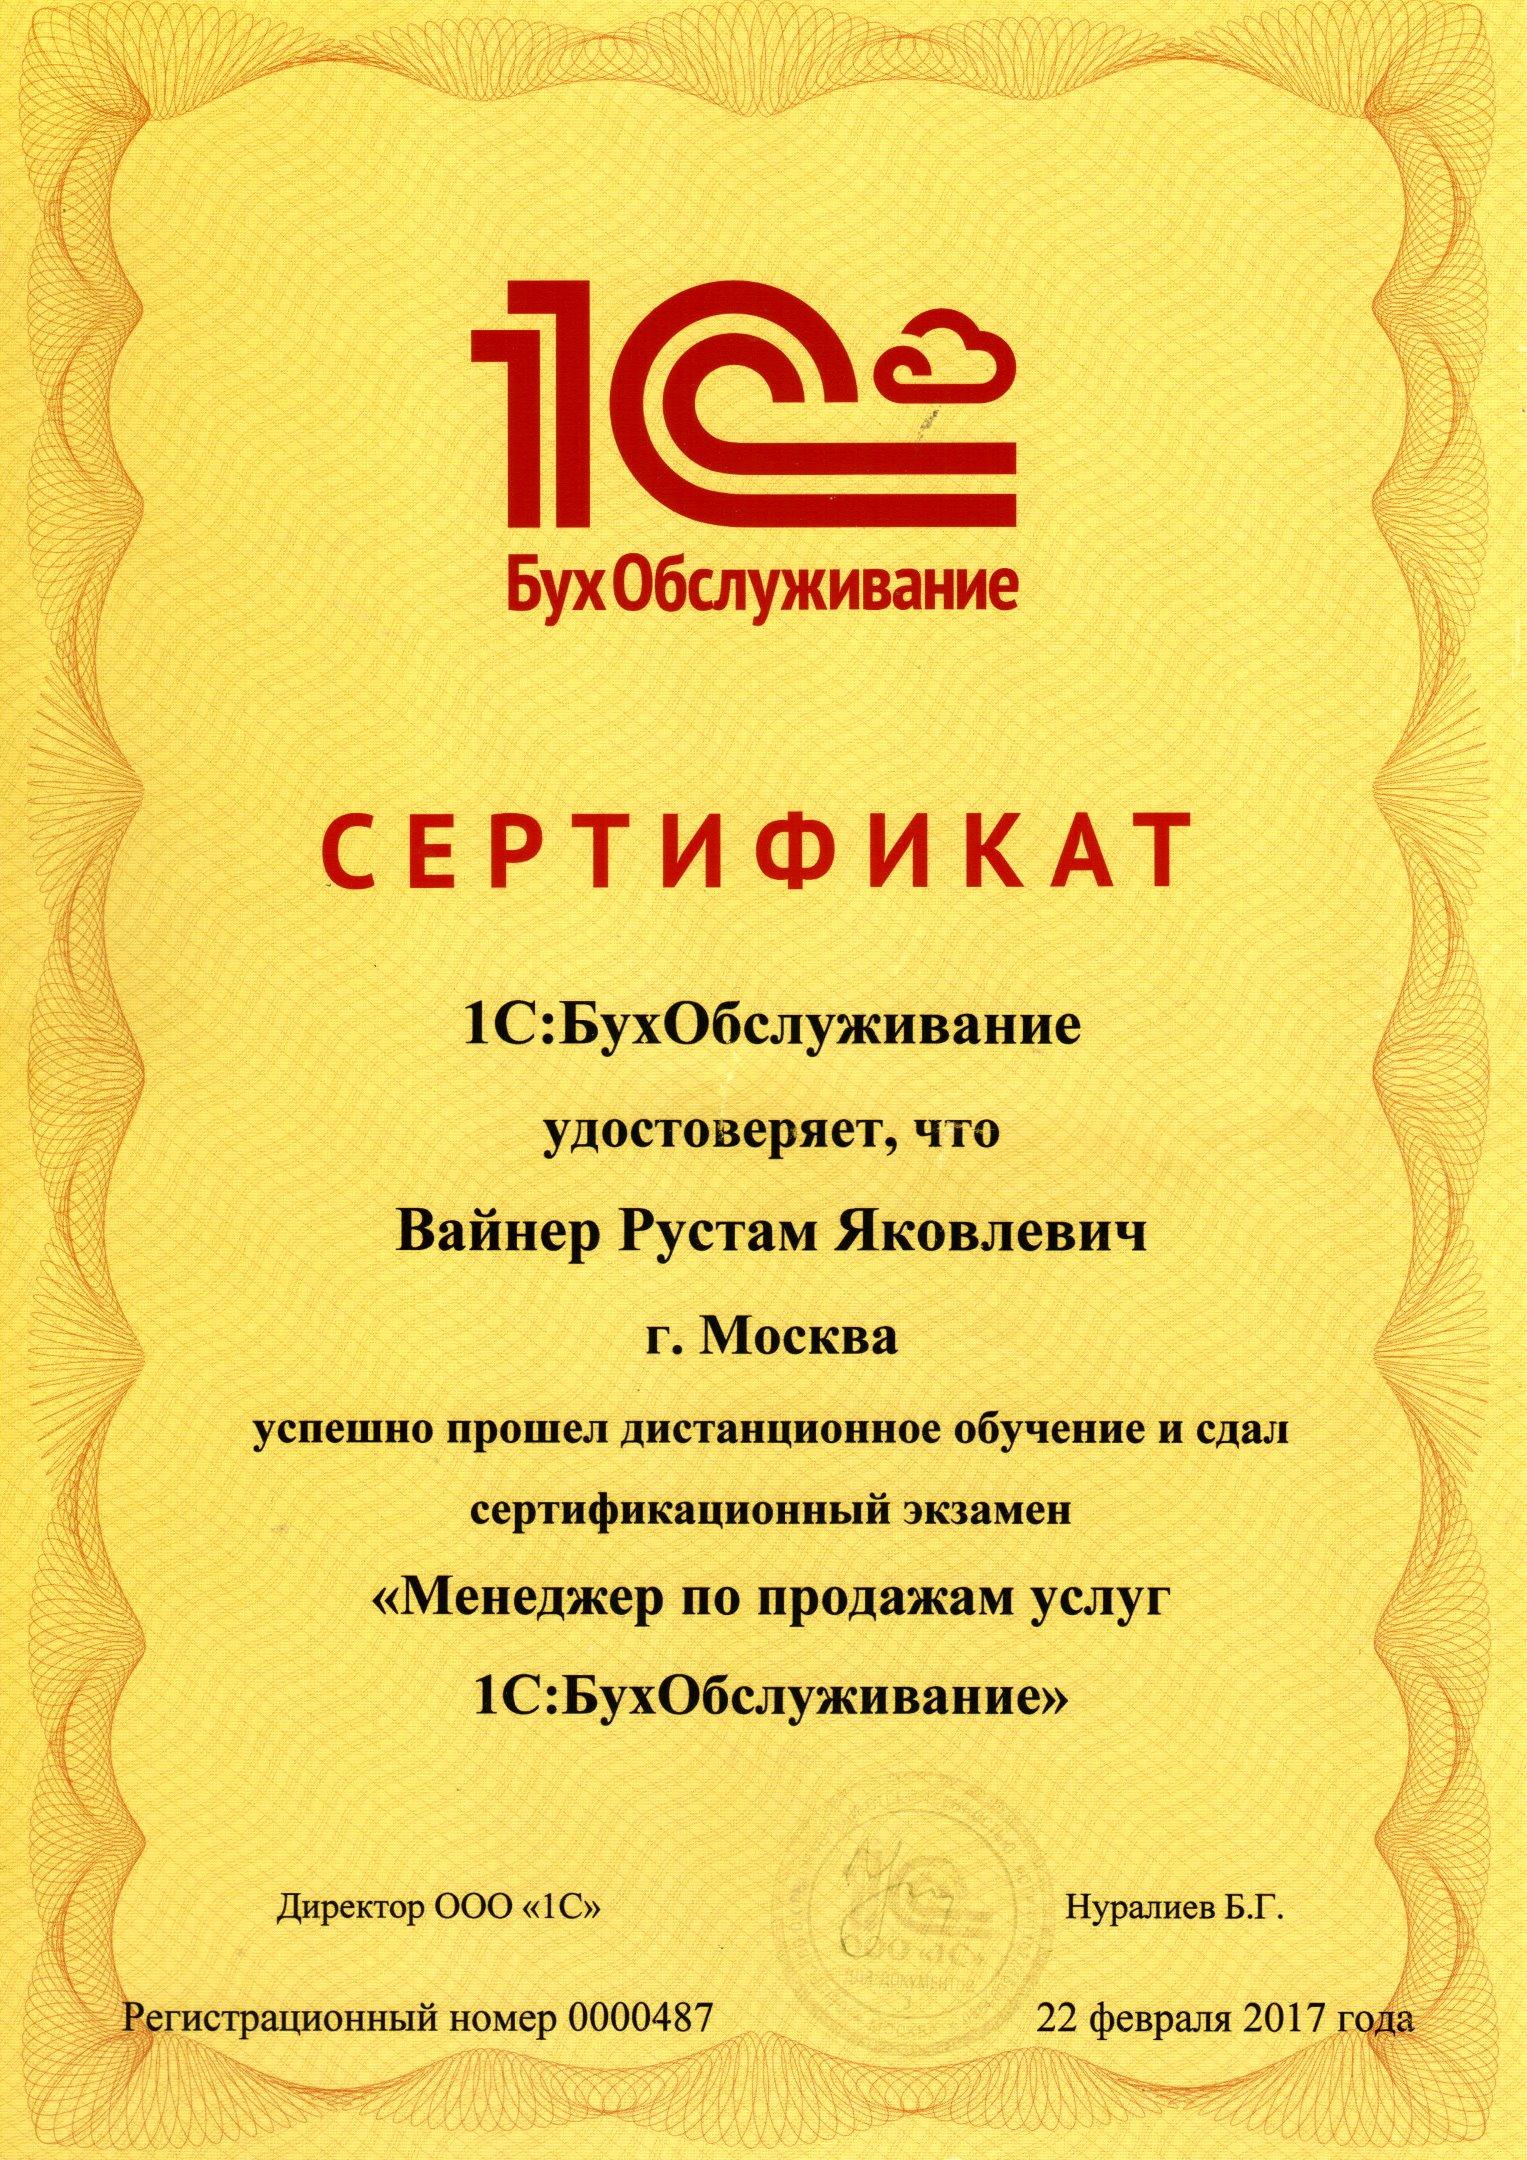 Ооо 1с-бухобслуживание 1с web настройка лицензий